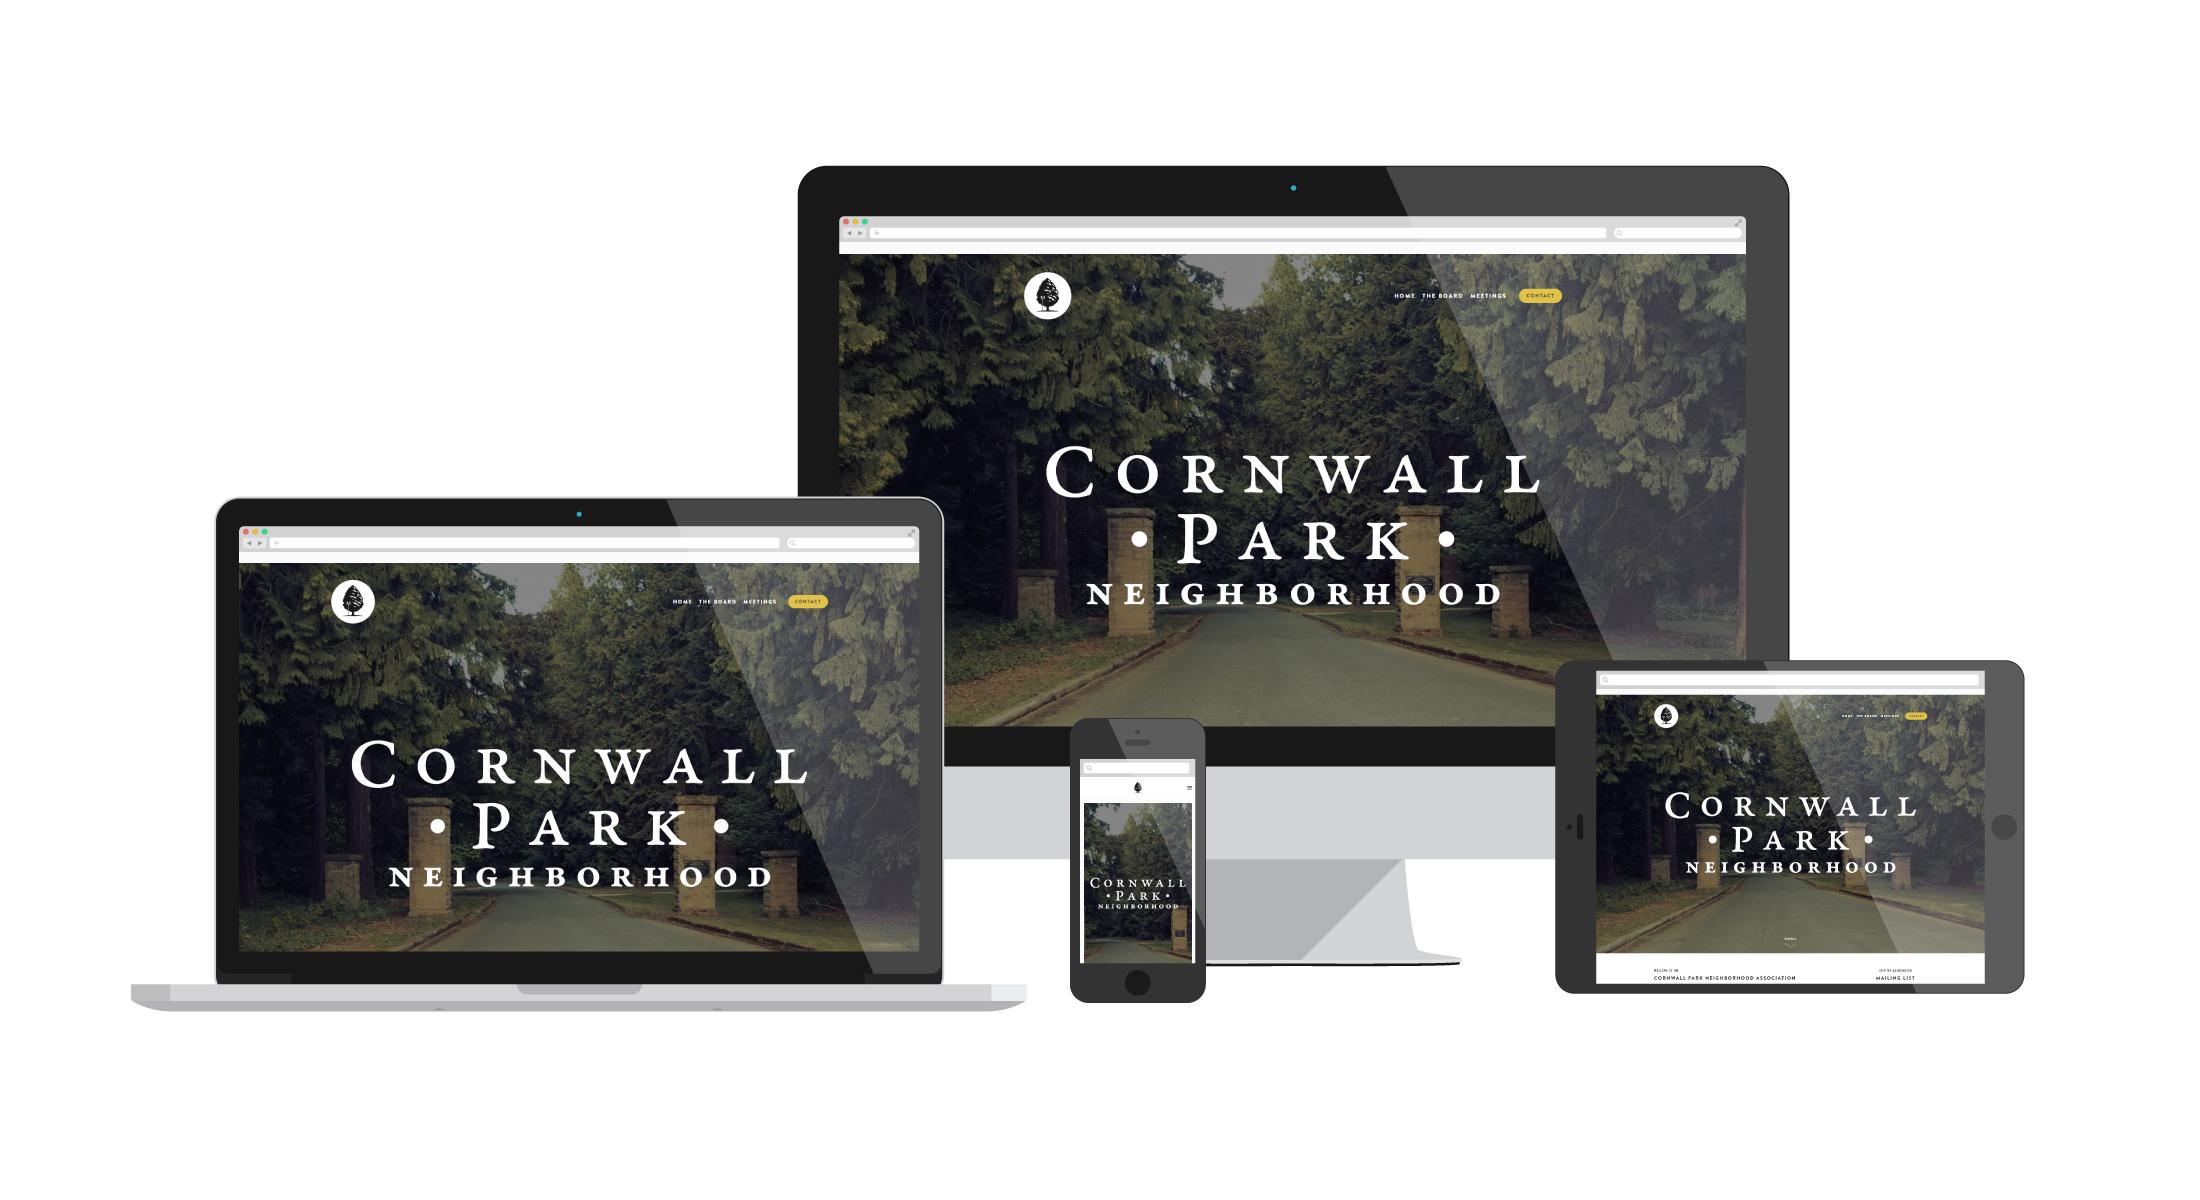 cornwall-park-website.jpg